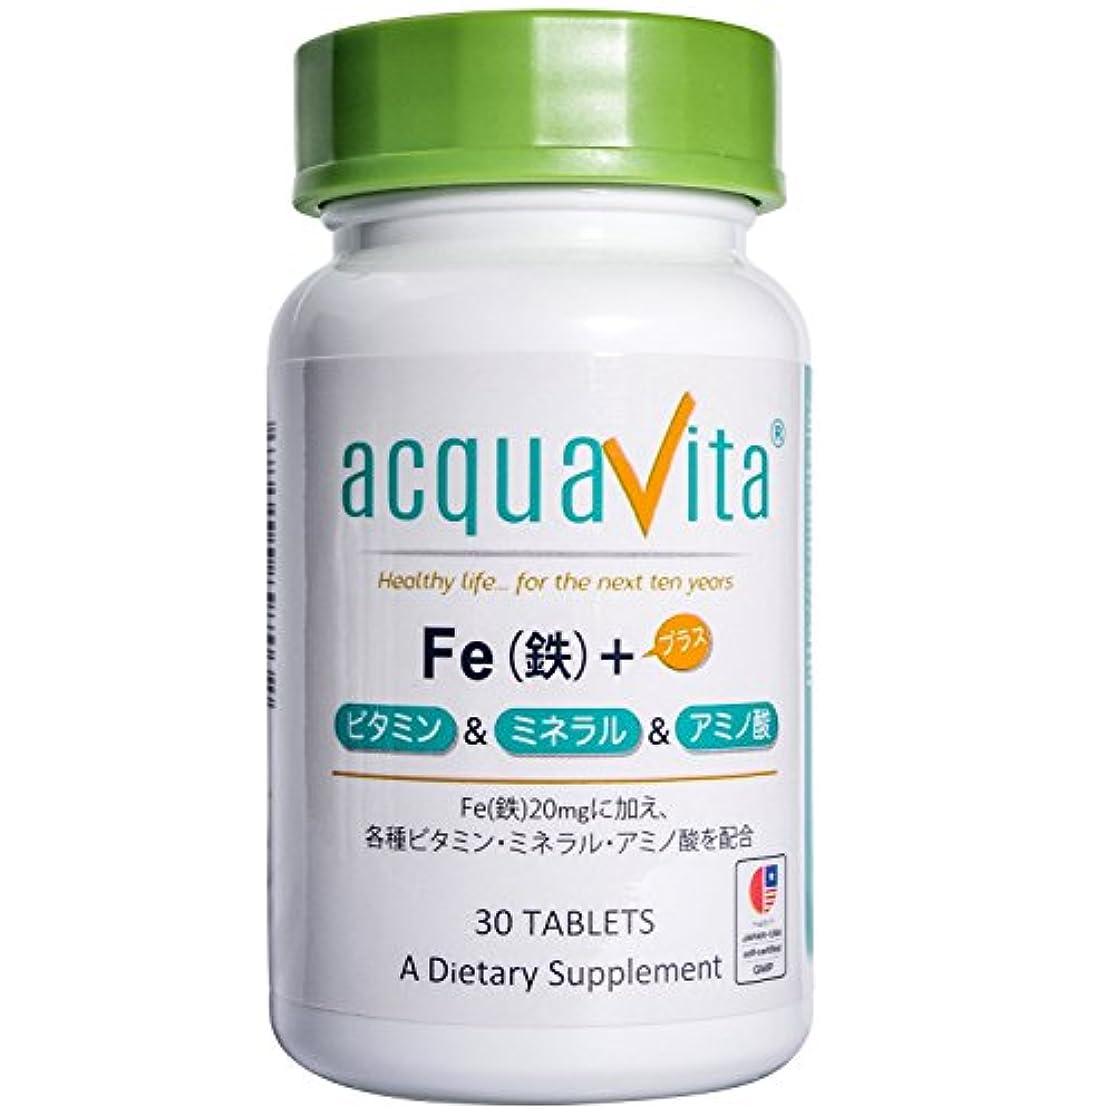 意識ウサギ住人acquavita(アクアヴィータ) Fe(鉄)+ビタミン?ミネラル?アミノ酸 30粒